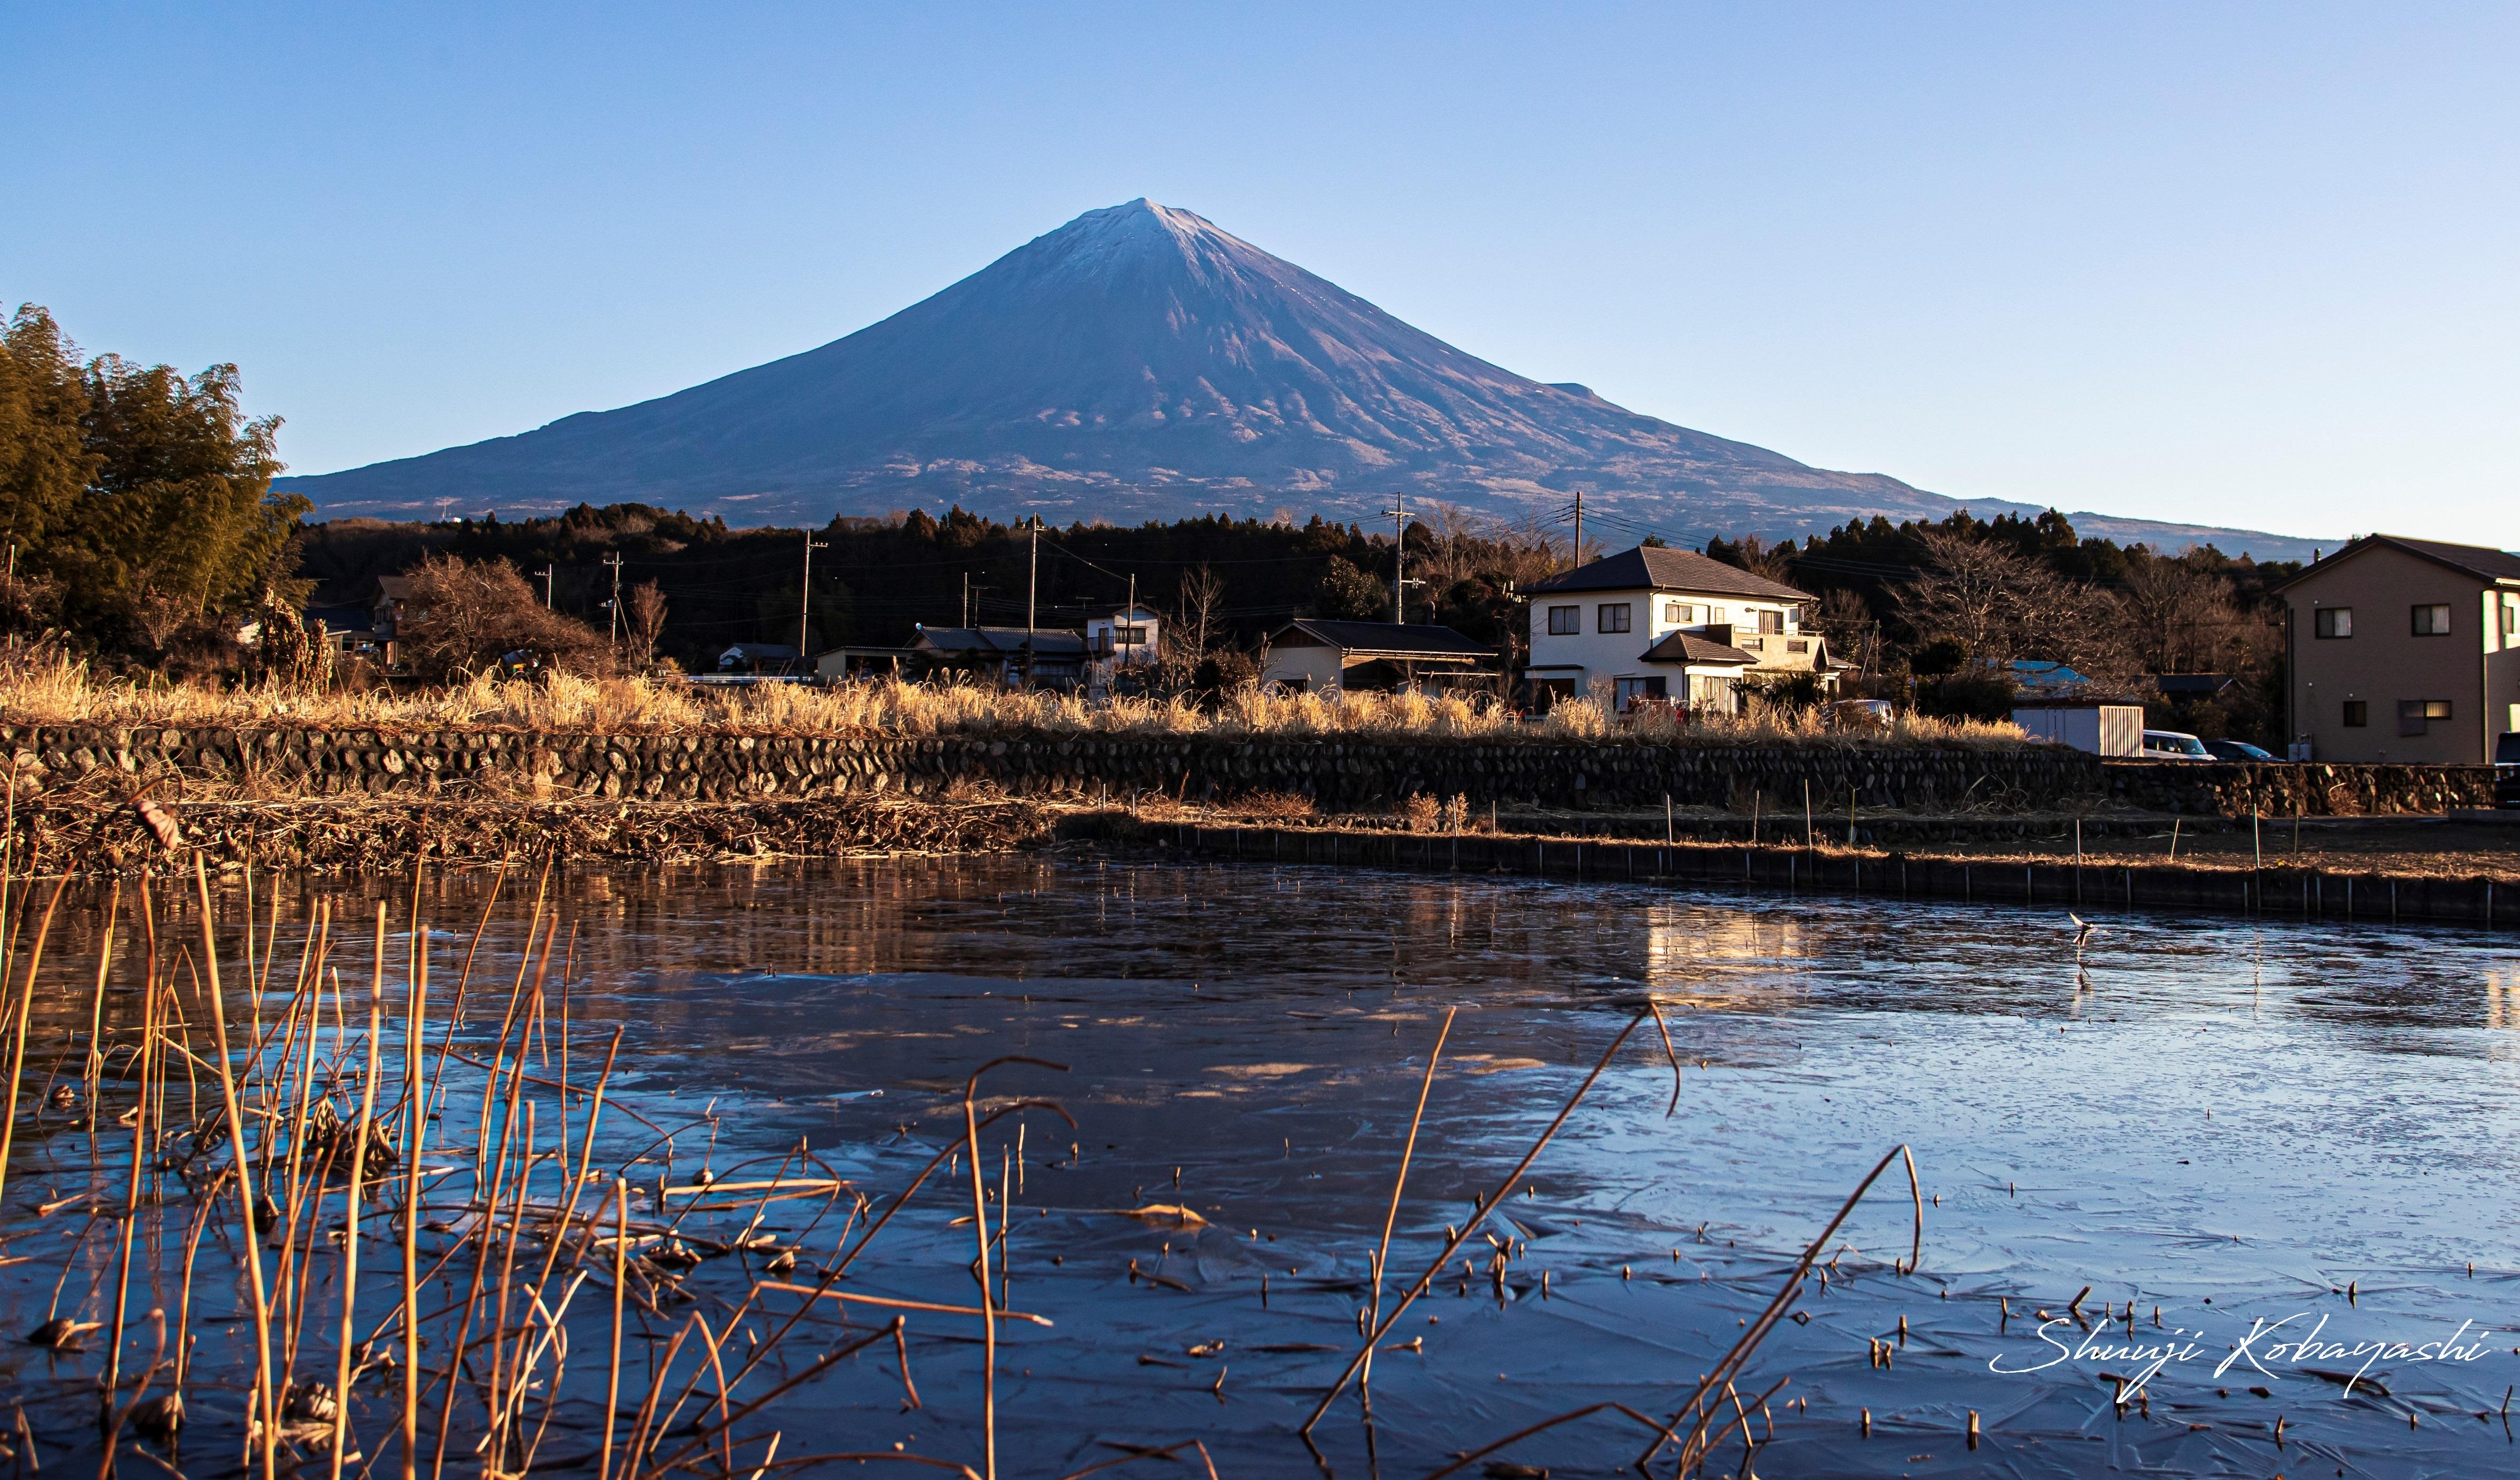 昨日の富士山の様子です。